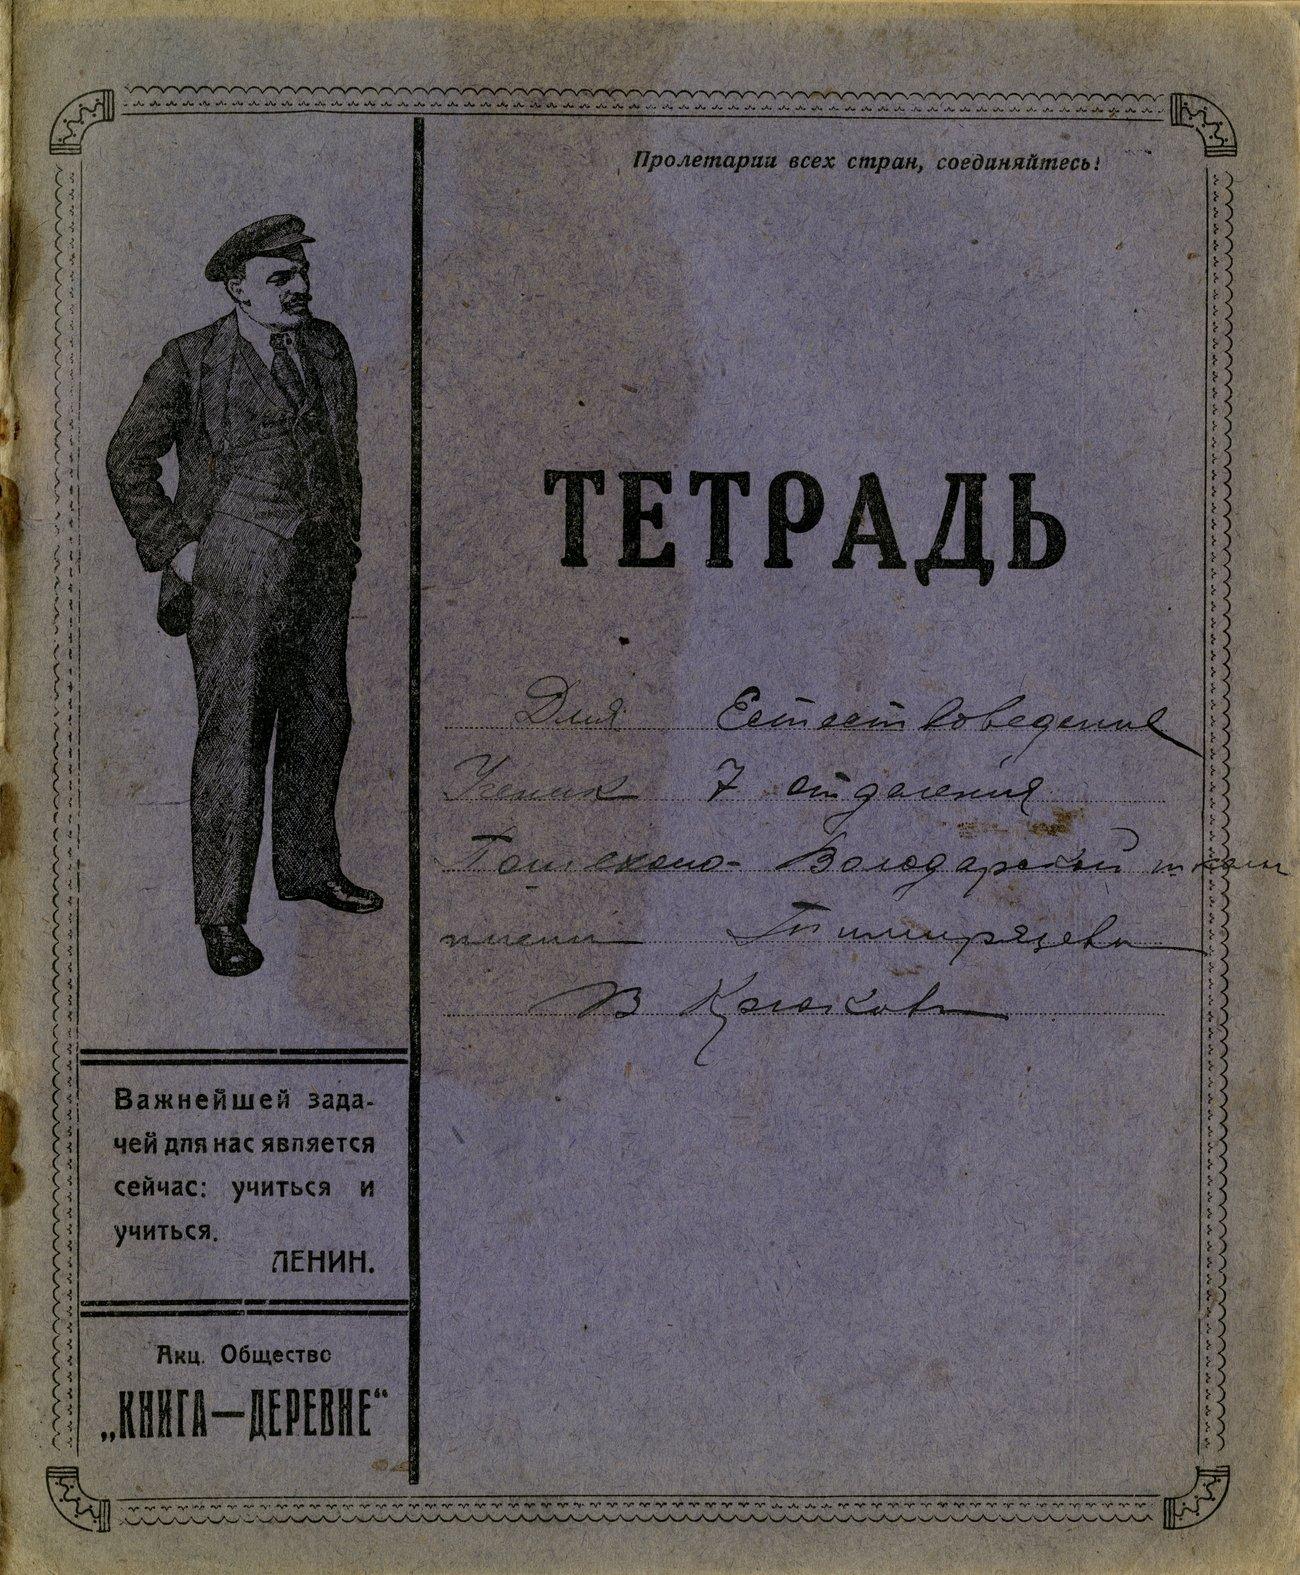 Тетрадь для Естествознания 7 Крюкова Ленин 001